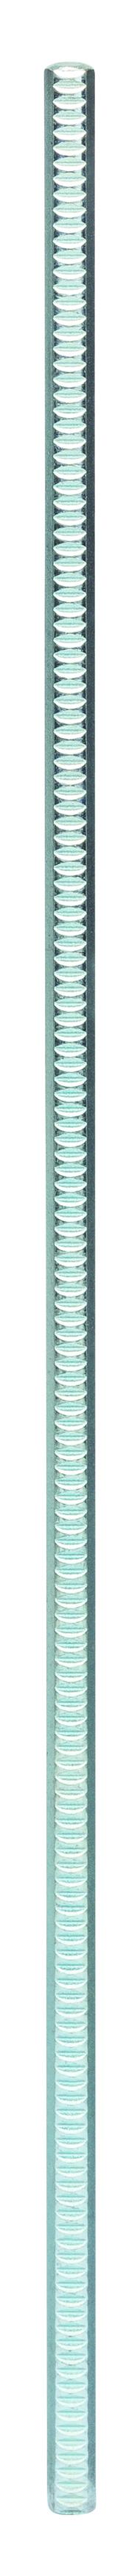 Image of   Dybdeanslag 310 mm, til ekstra-håndgreb 2 602 025 077, . . .062